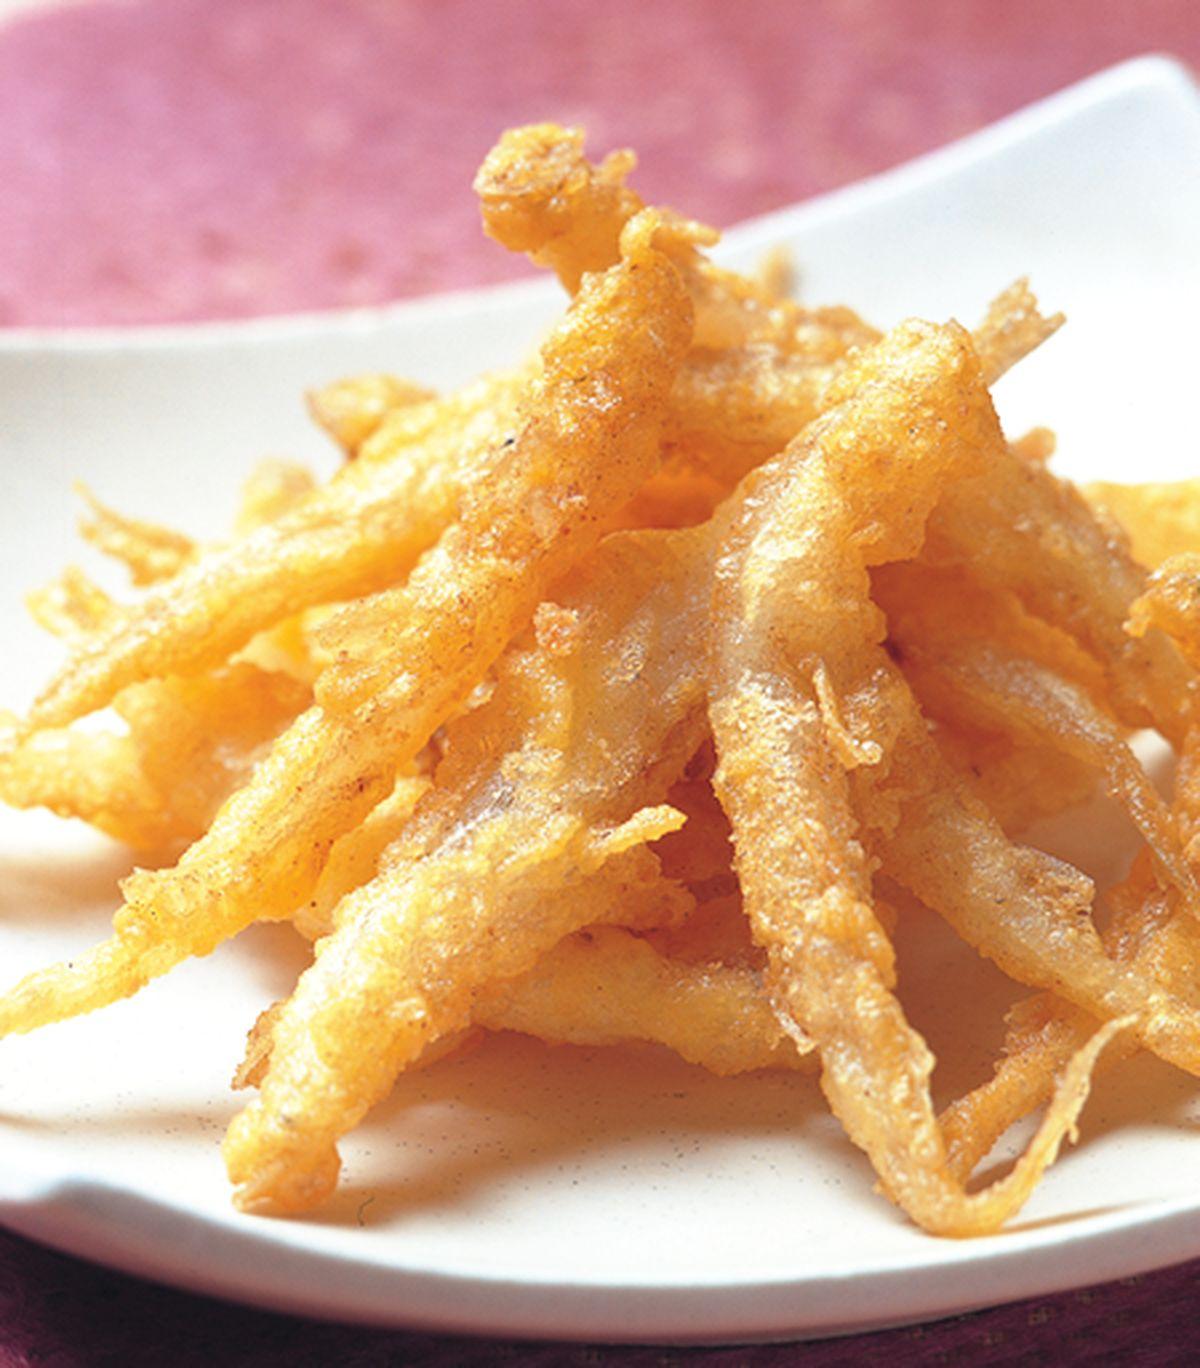 食譜:炸銀魚